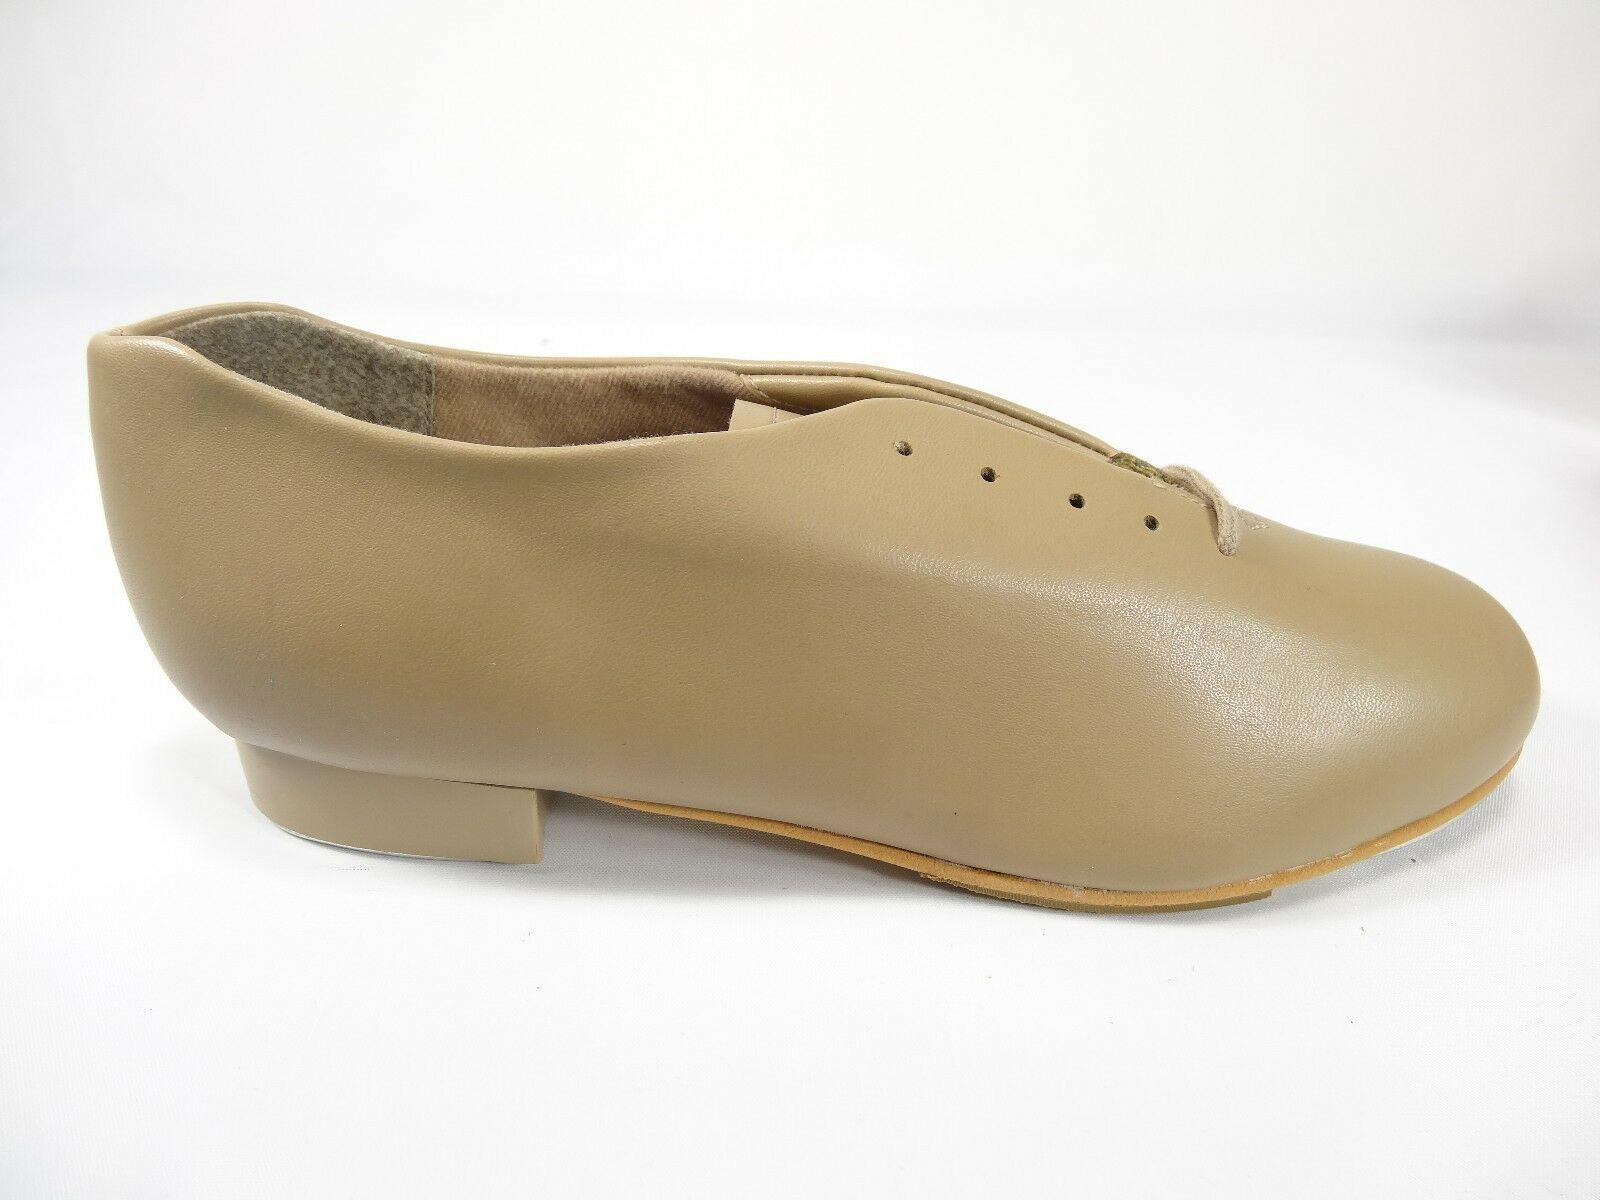 Capezio Tele Tone Jr Tap Dance Shoes Size 6.5M  i8  Style #442